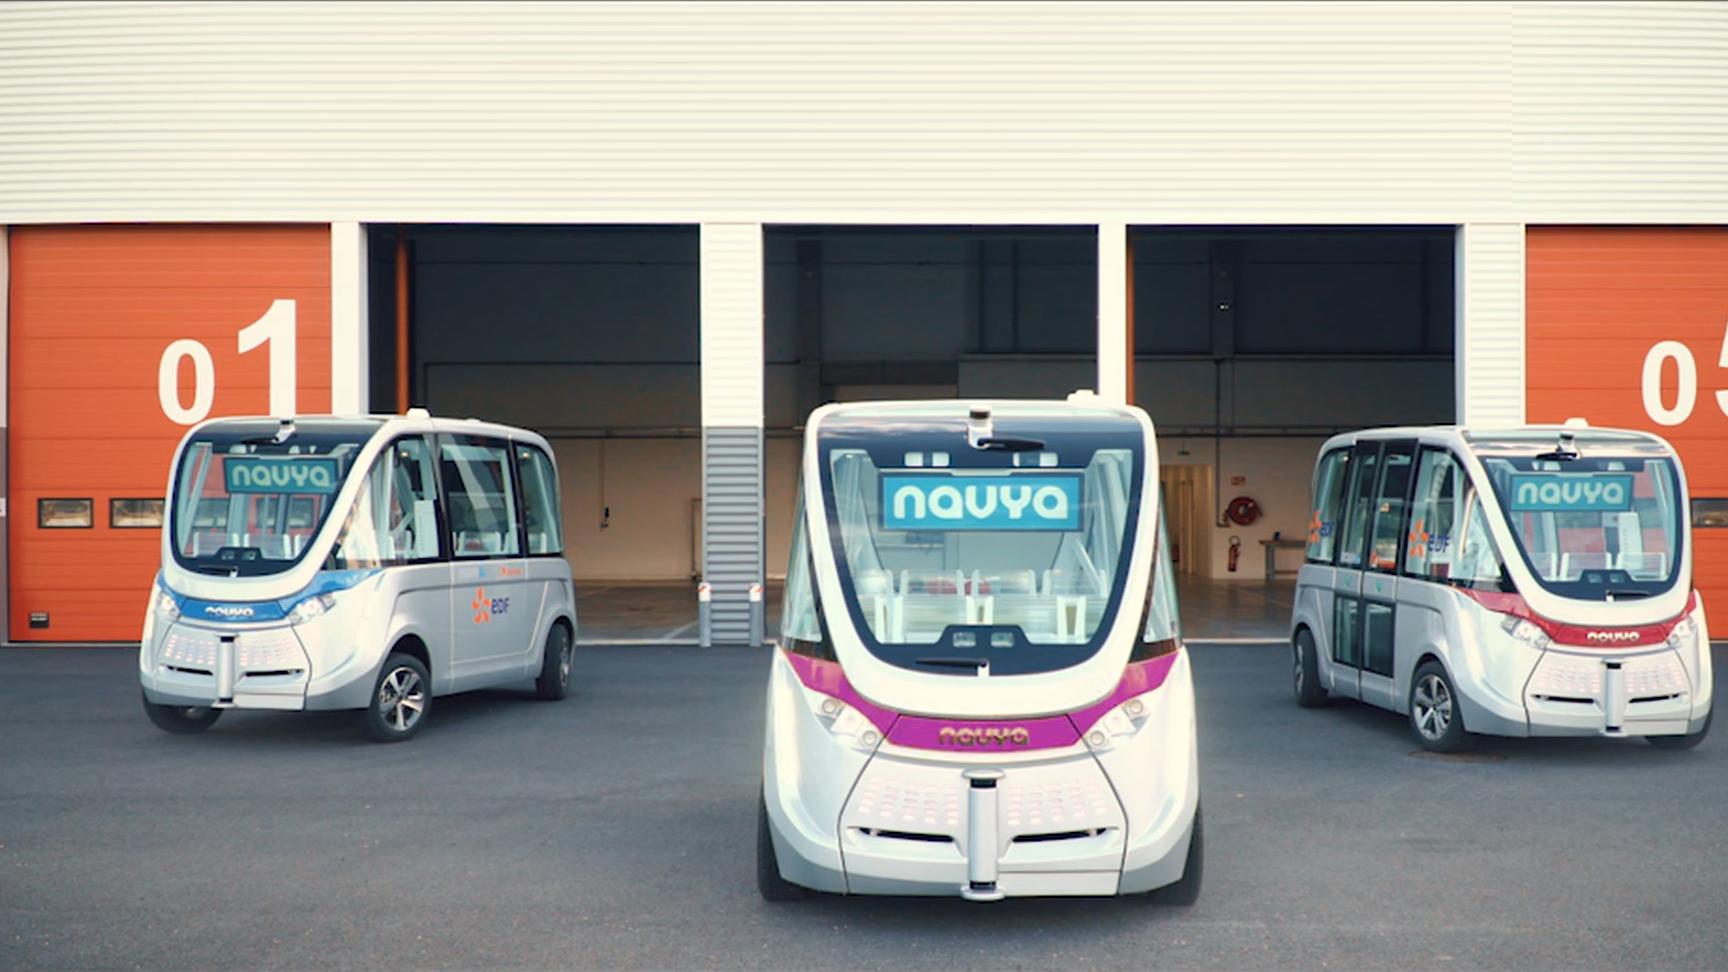 le bus sans chauffeur de navya circulera lyon d s le 3 septembre tech numerama. Black Bedroom Furniture Sets. Home Design Ideas